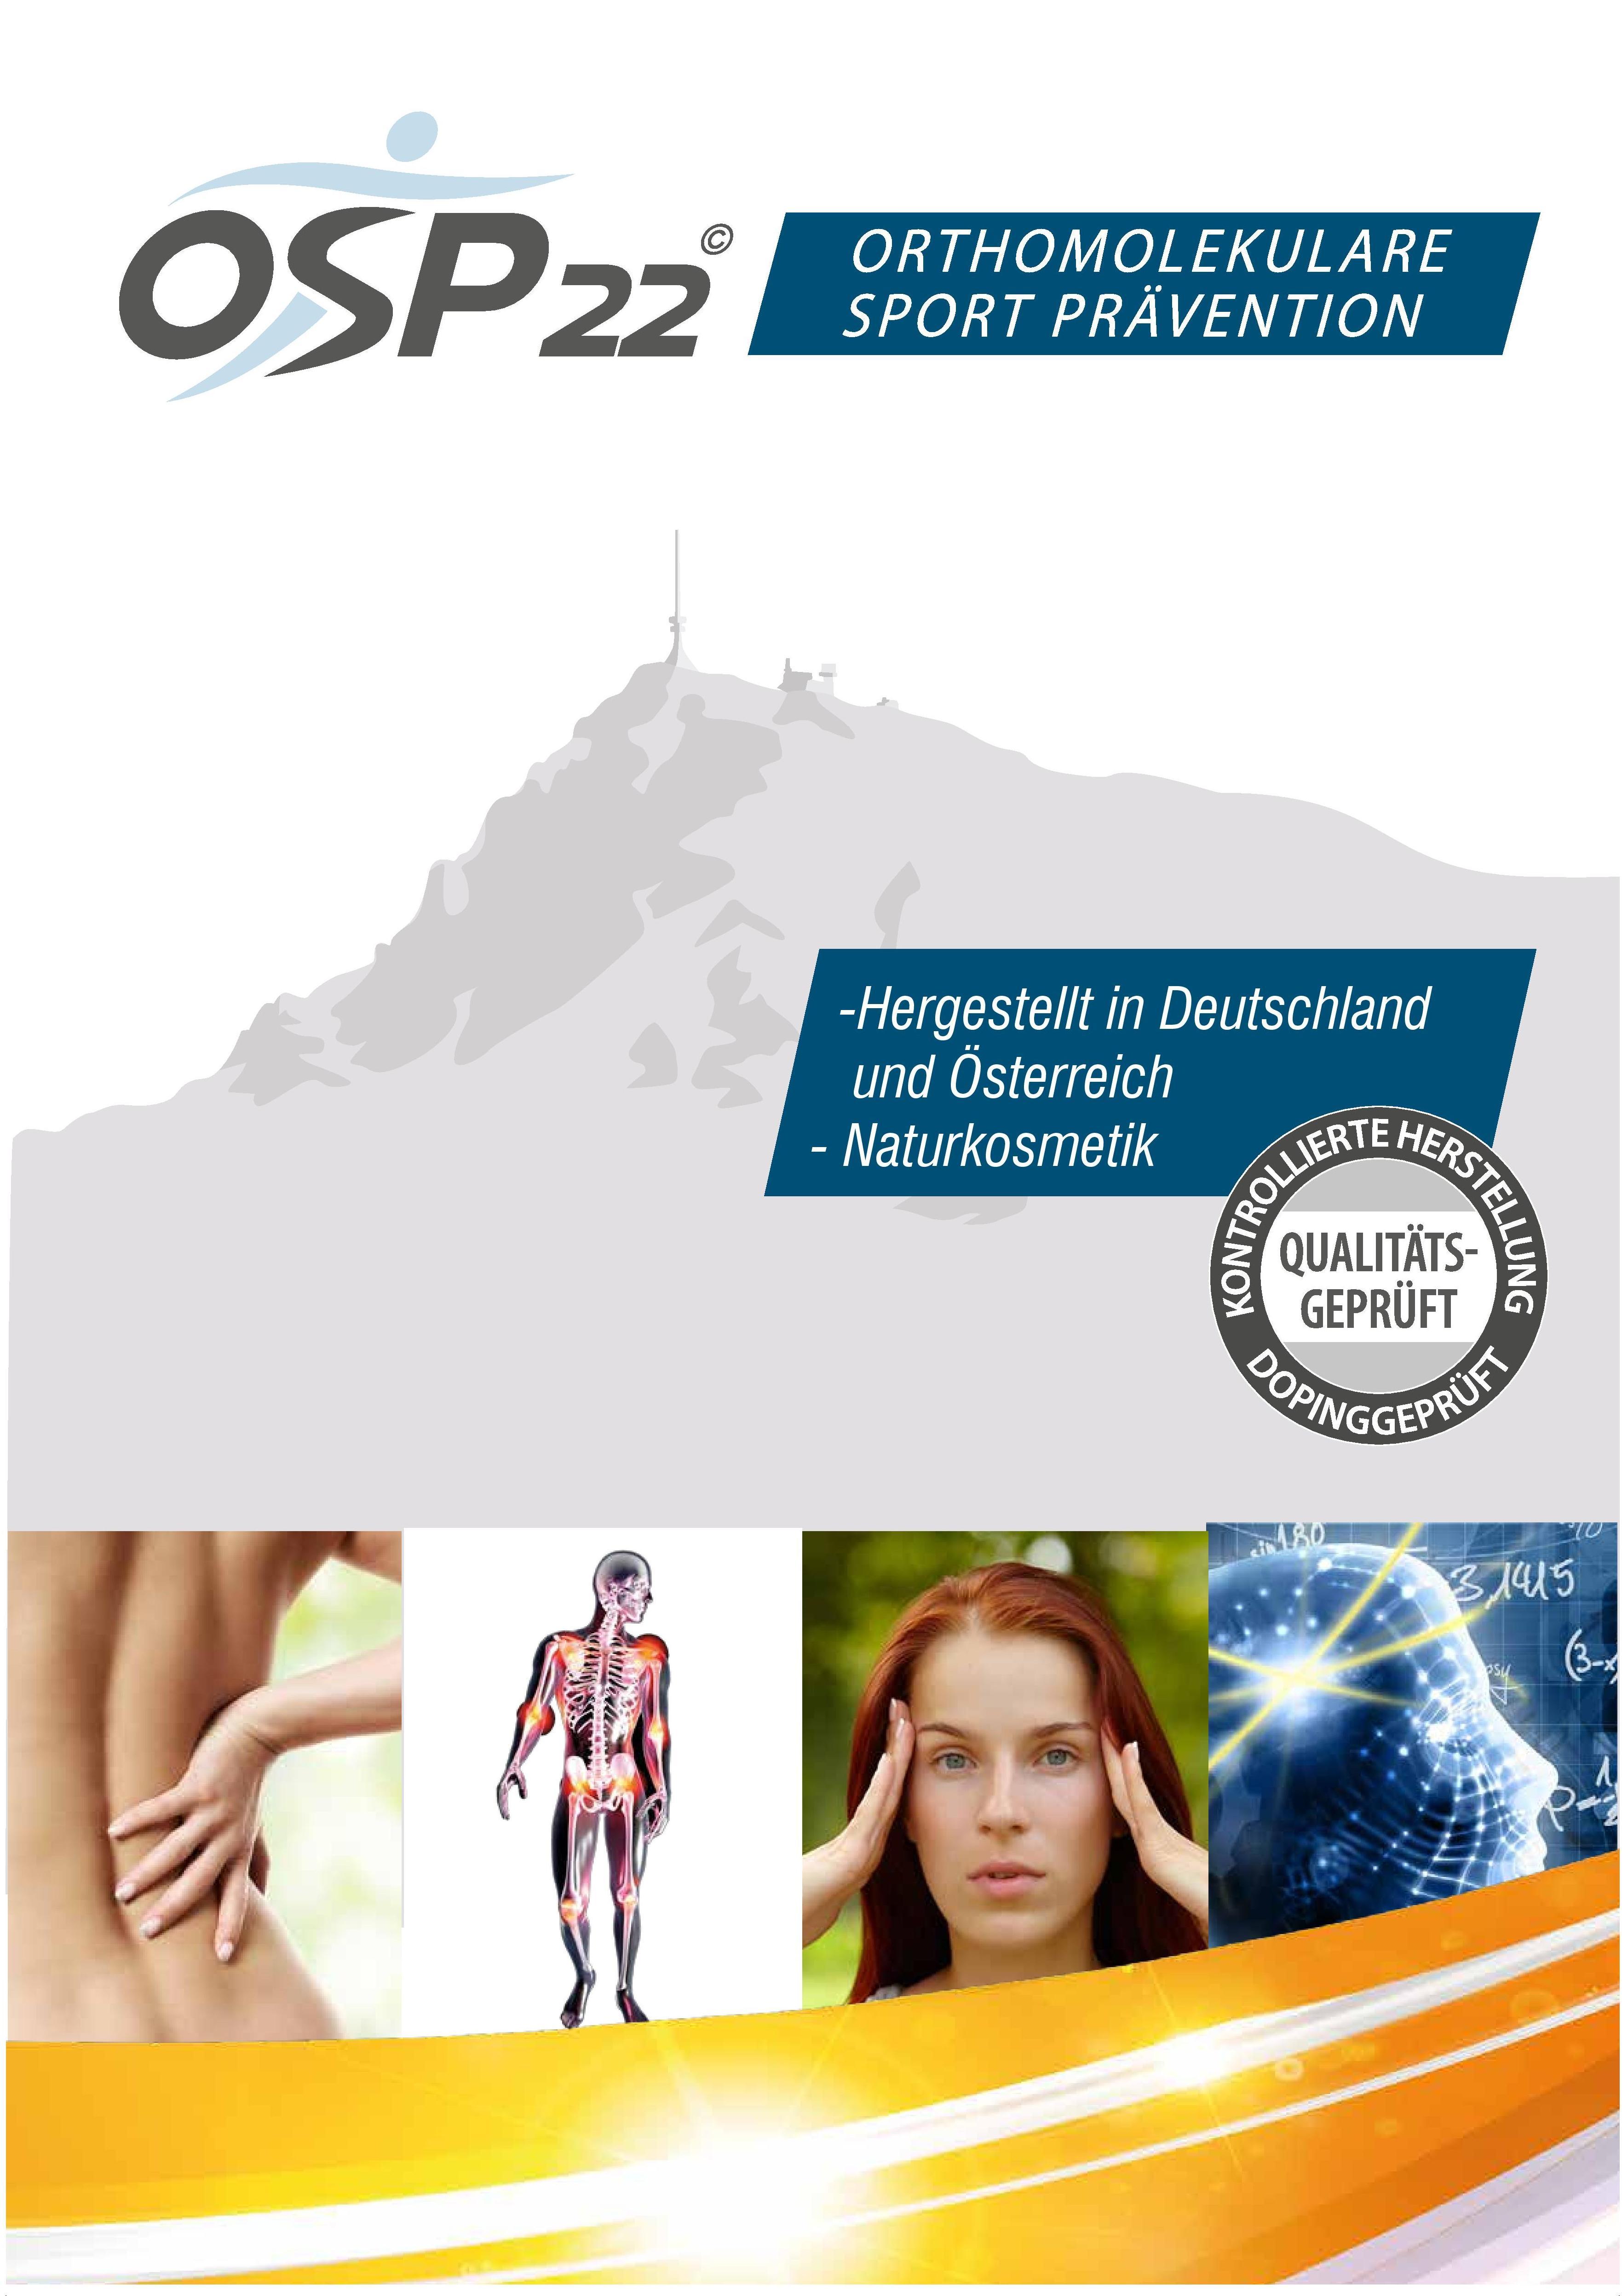 OSP 22 Orthomolekulare Sport Prävention